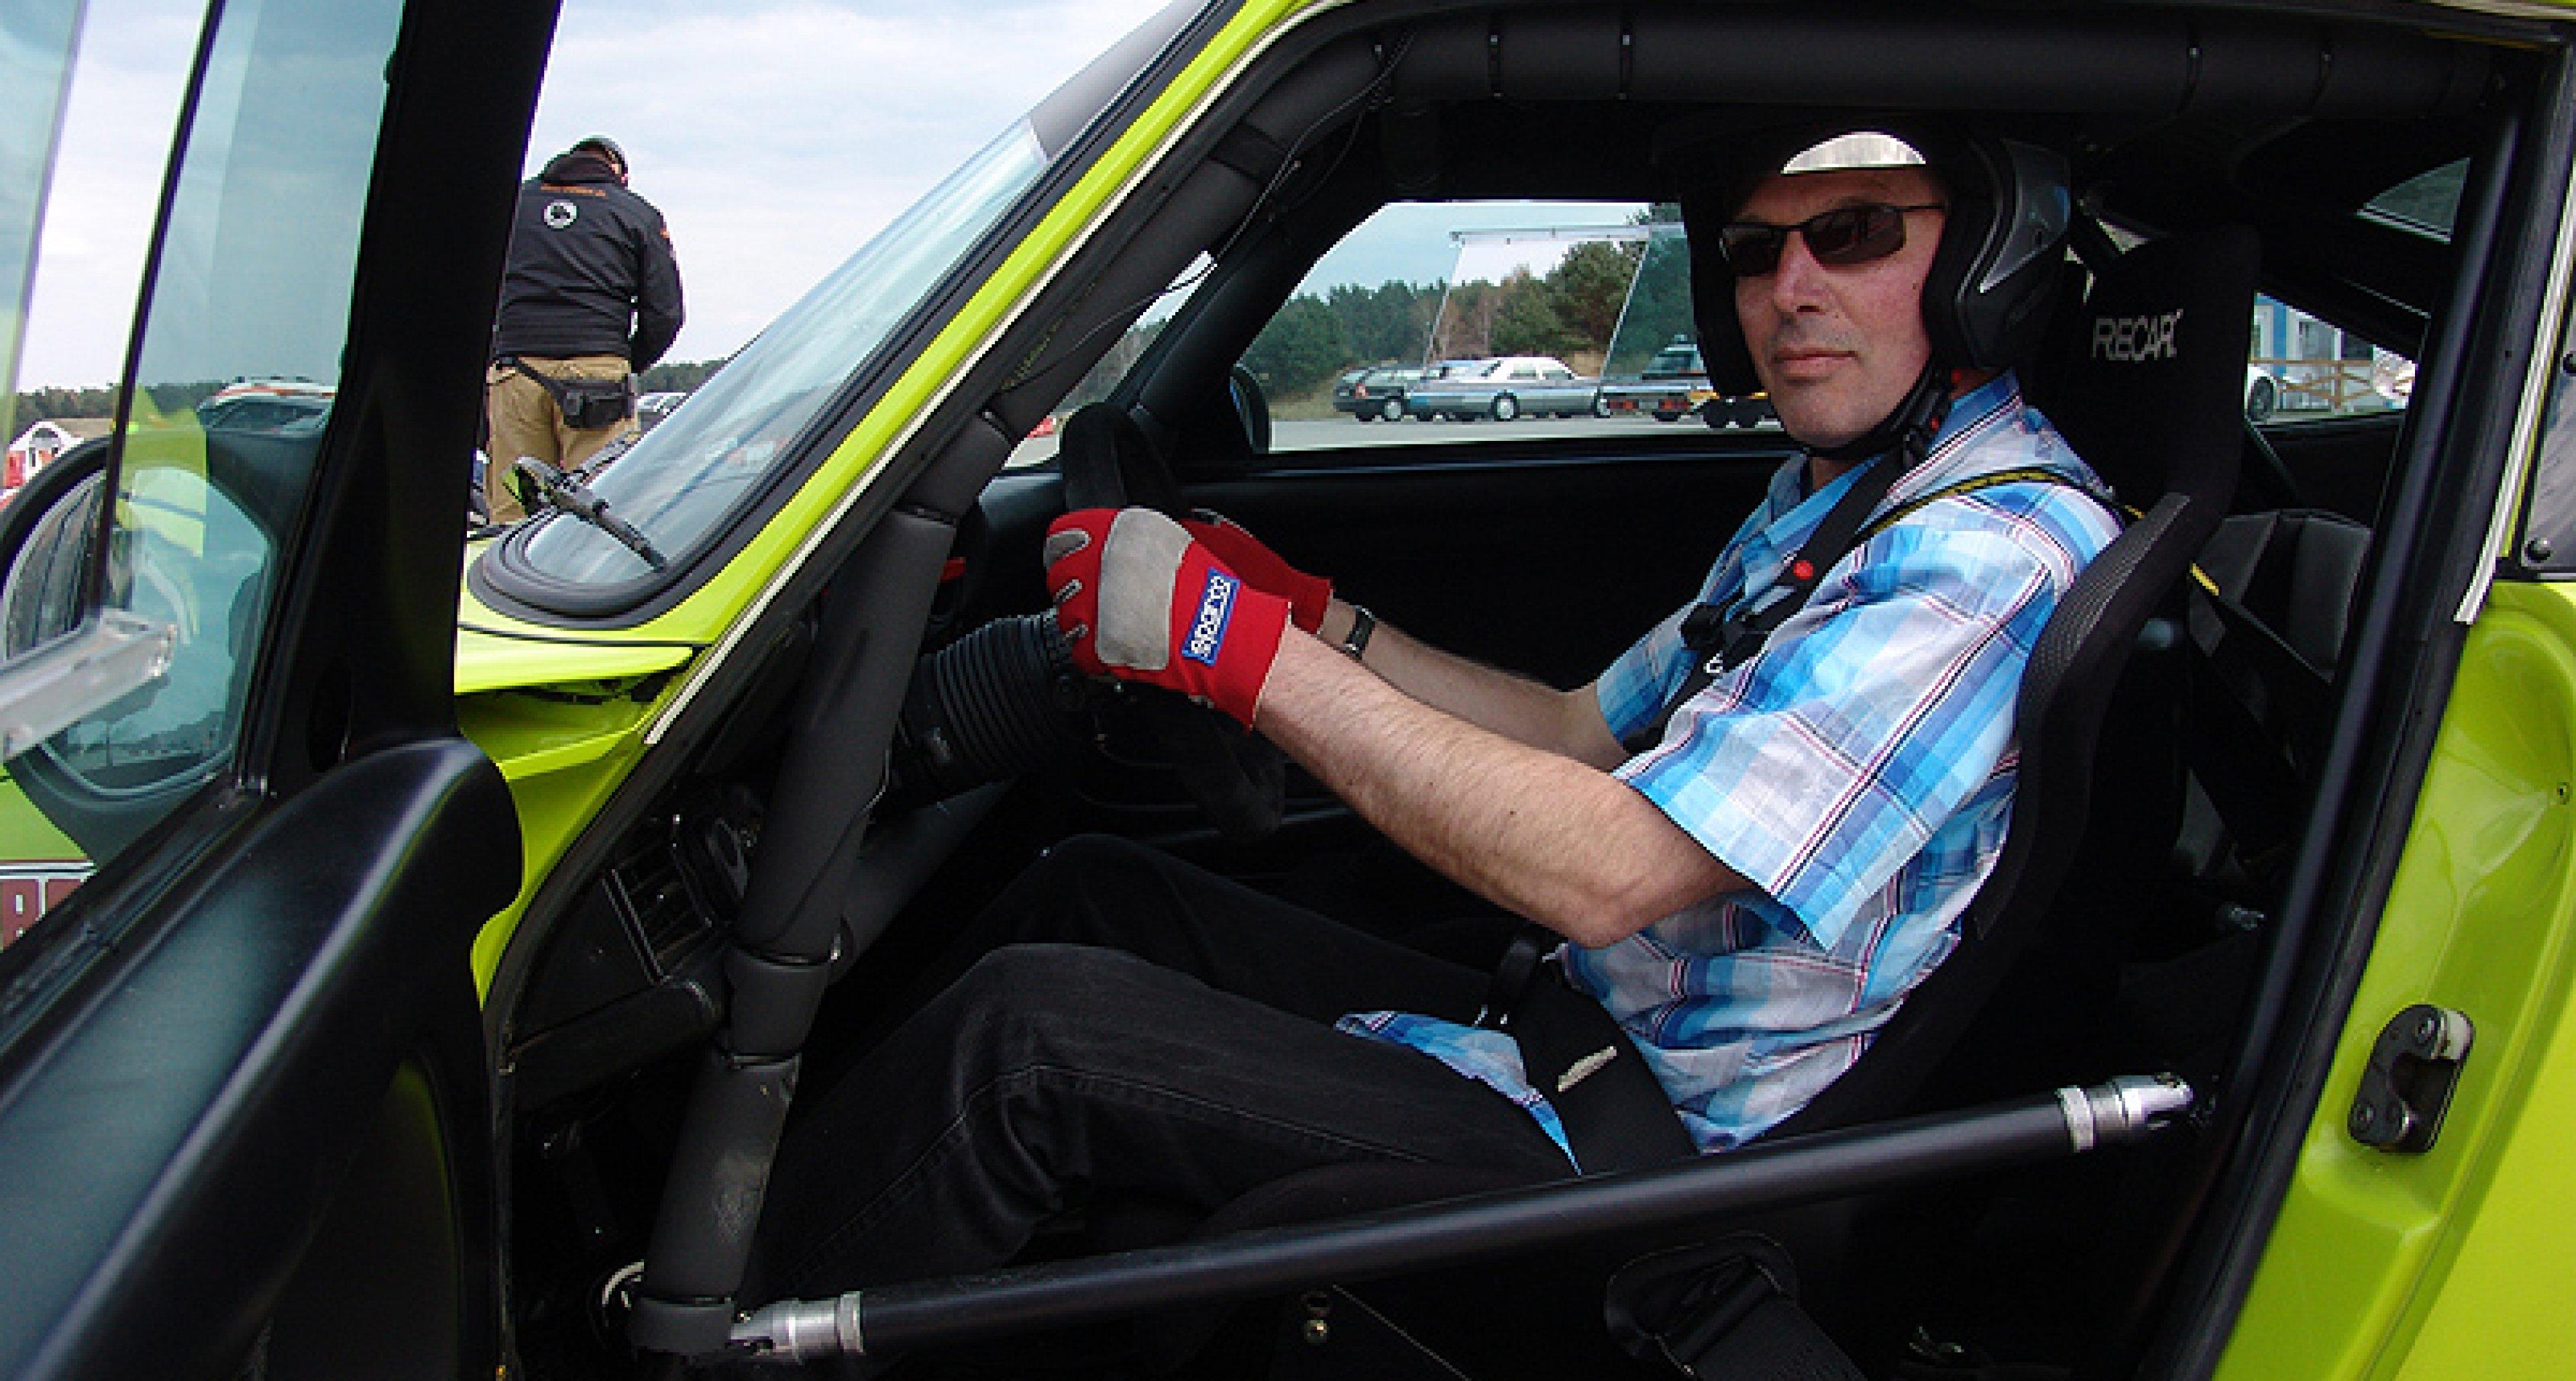 Schneller Linienverkehr: ADAC Sportfahrertraining im Driving Center Groß Dölln